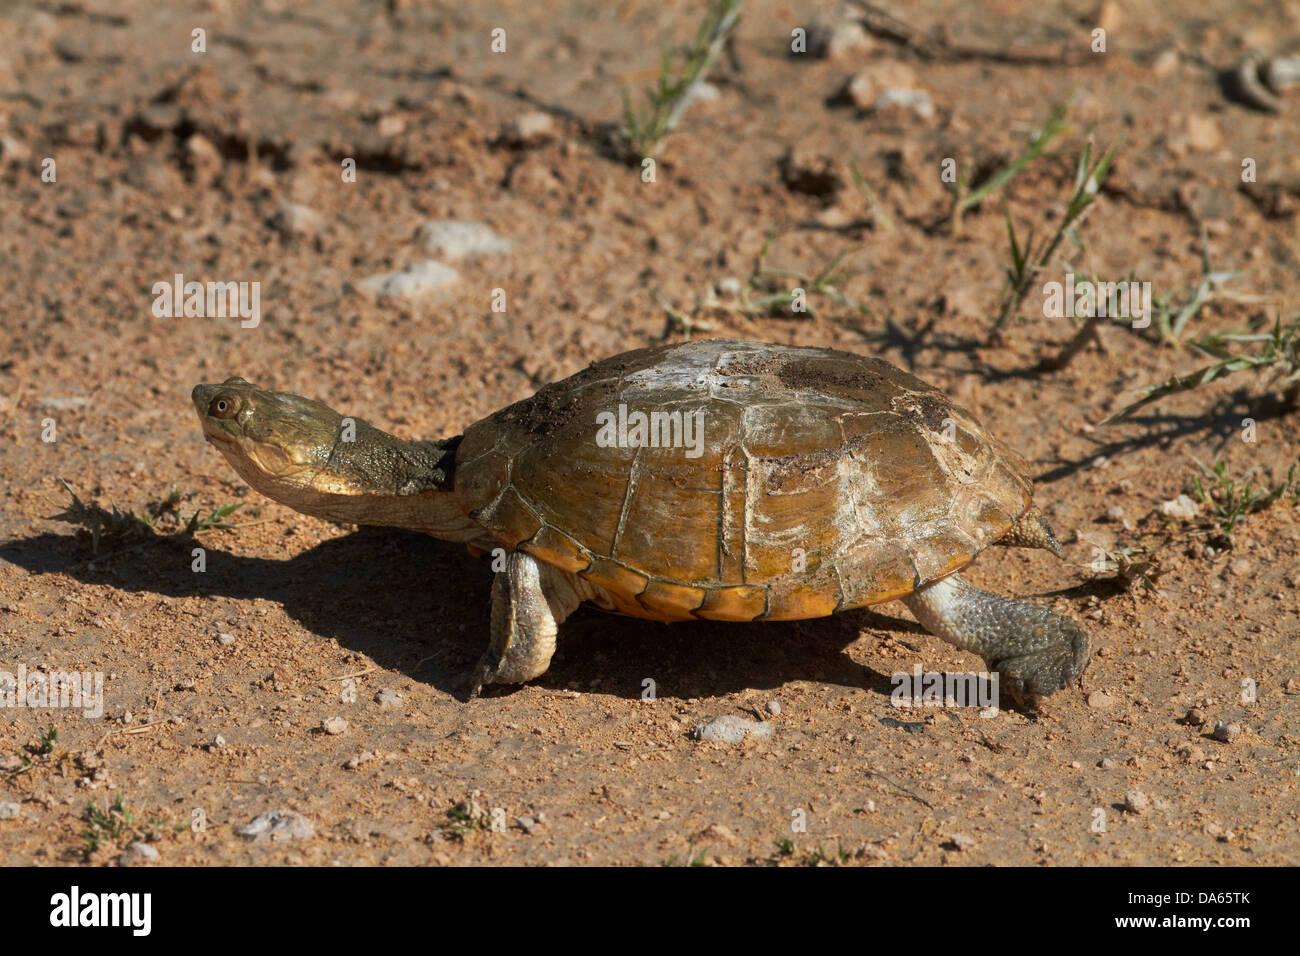 Terrapin, Etosha National Park, Namibia, Africa - Stock Image